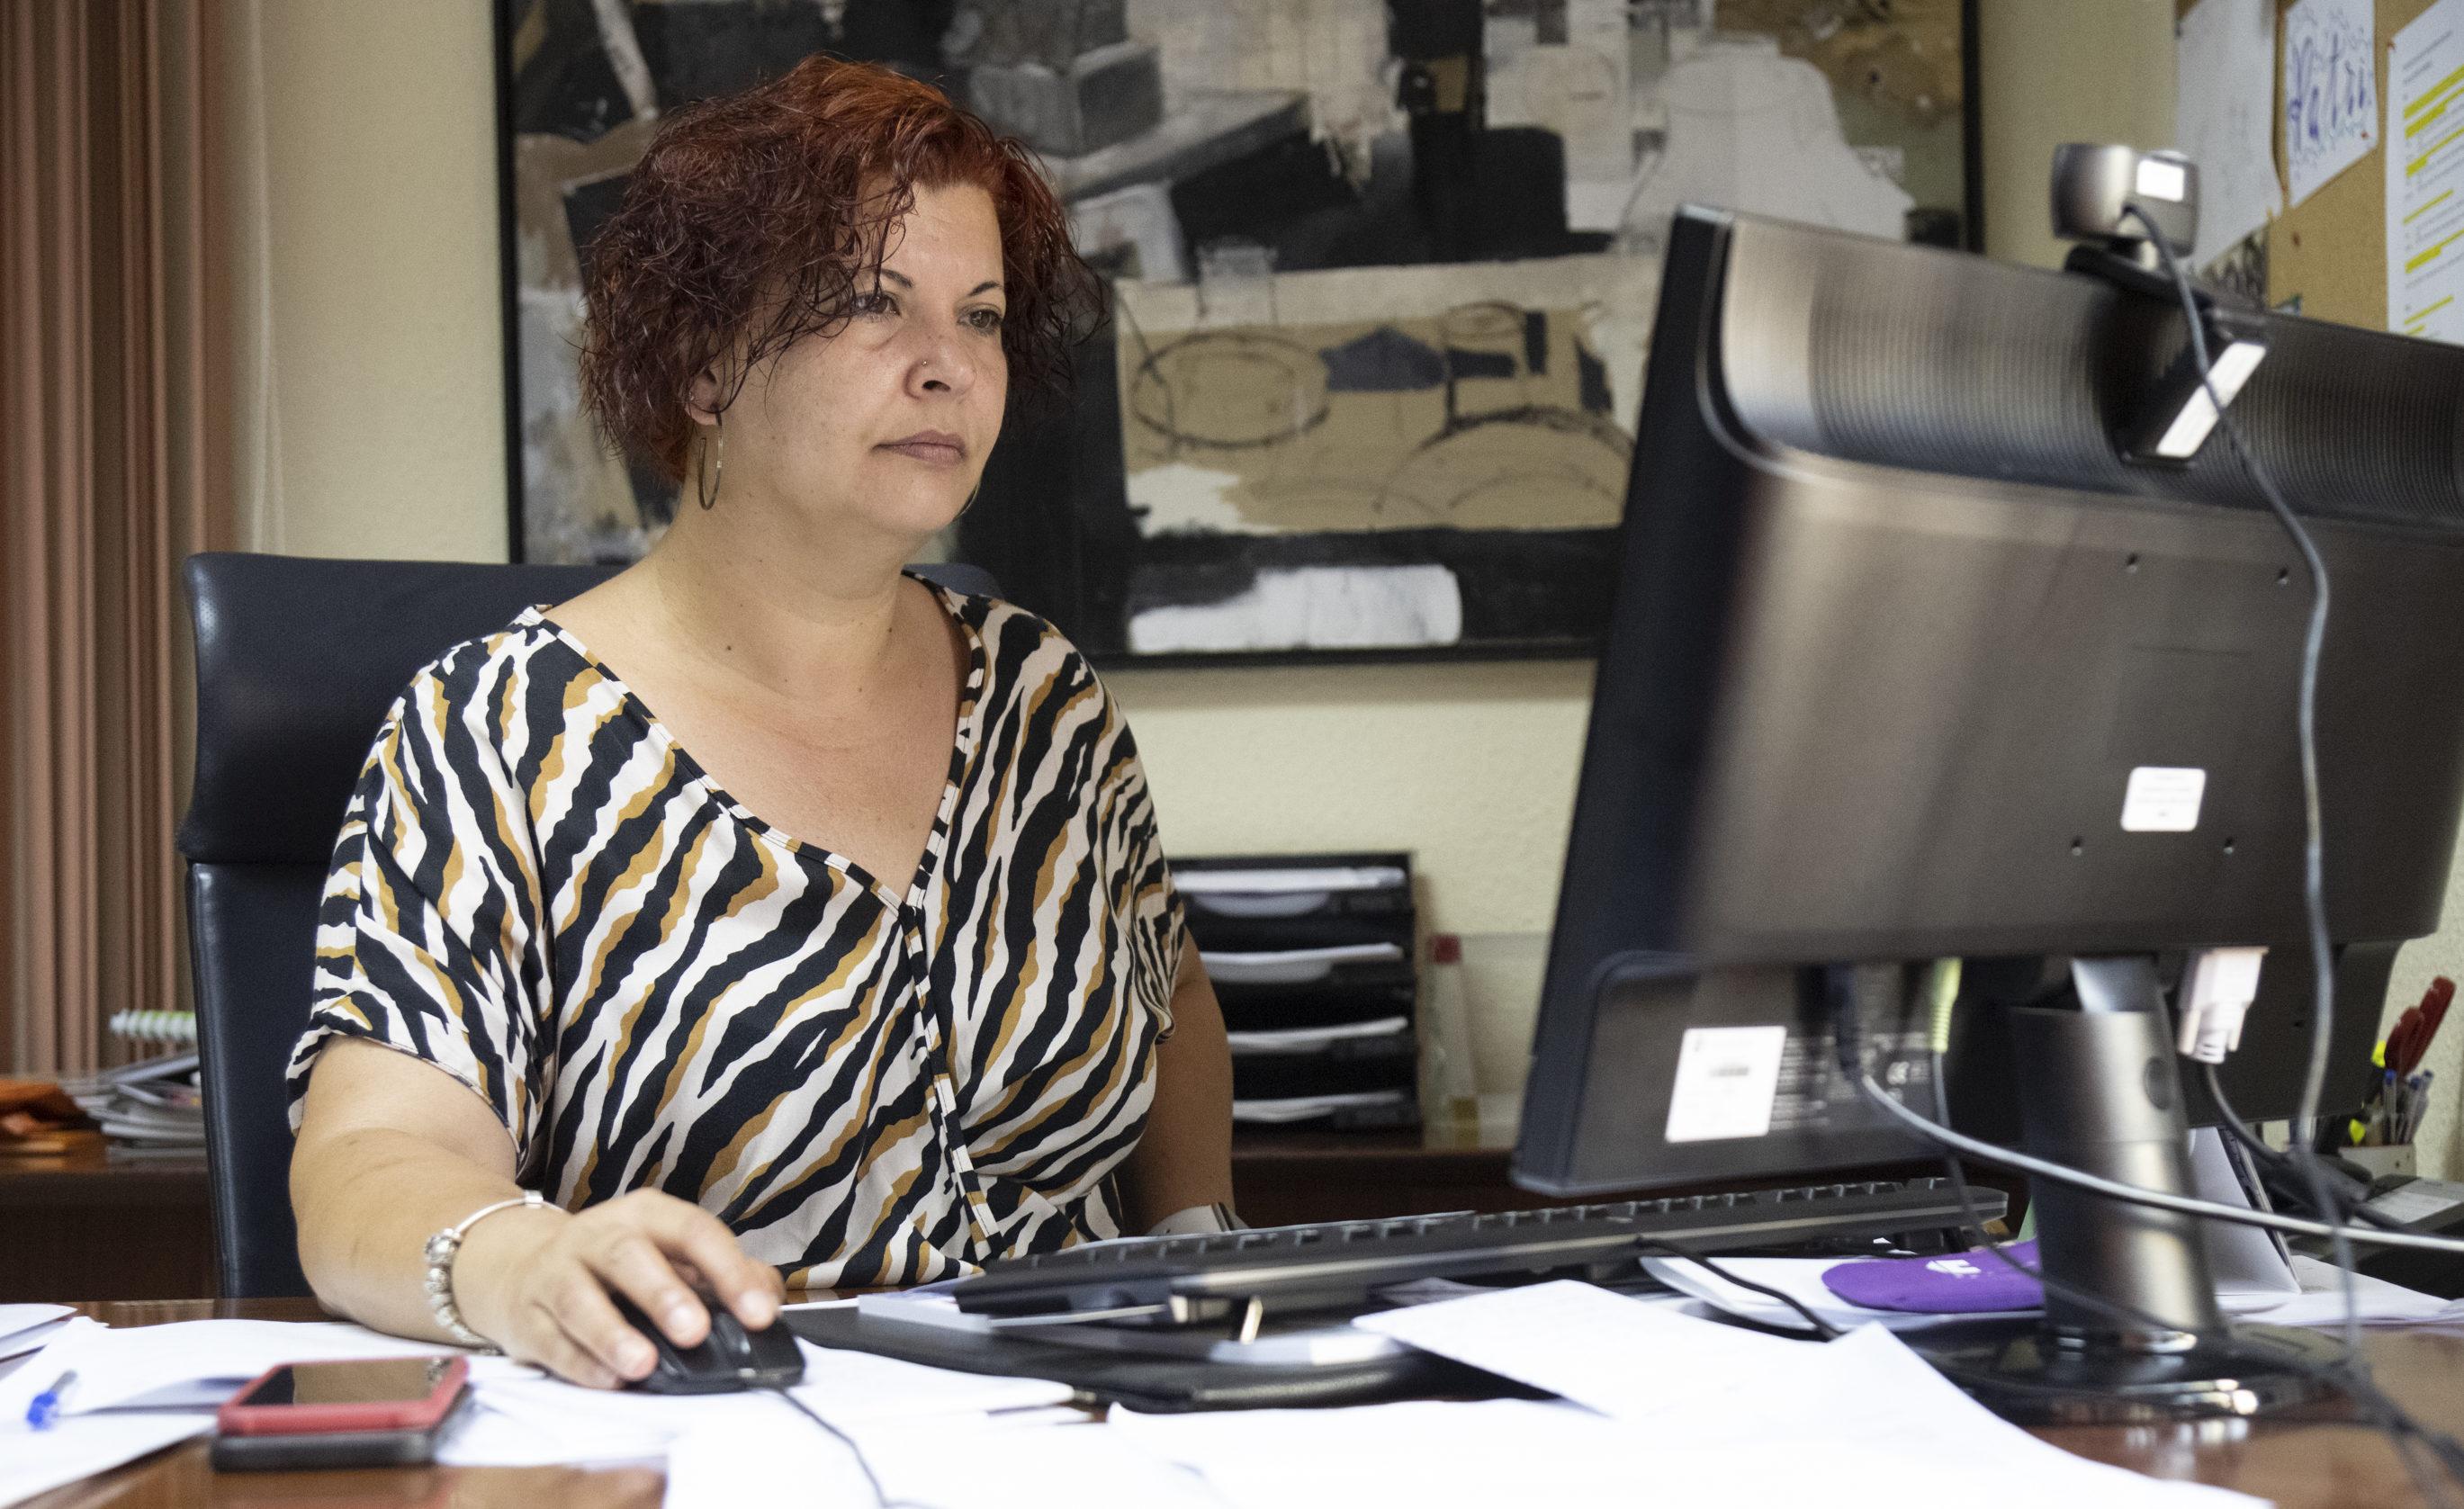 Puertaanima a trencar amb el tabú per a frenar l'increment dels suïcidis